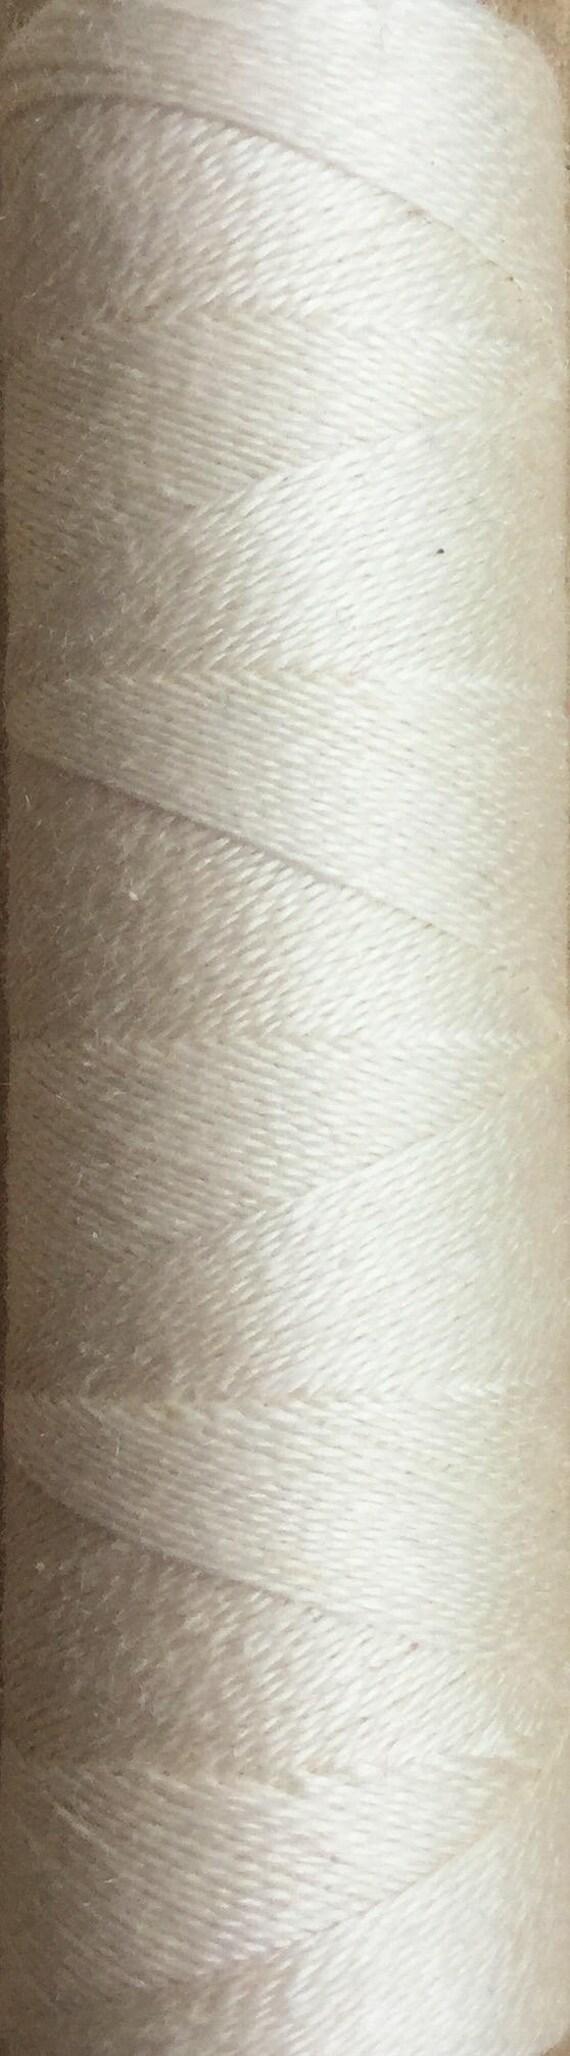 Harmonie soie en soie, fil de soie Harmonie Etoffe sélection et soie à la Machine fil, fils à broder, fil de Quilting, No.00 - neutre a4c26b